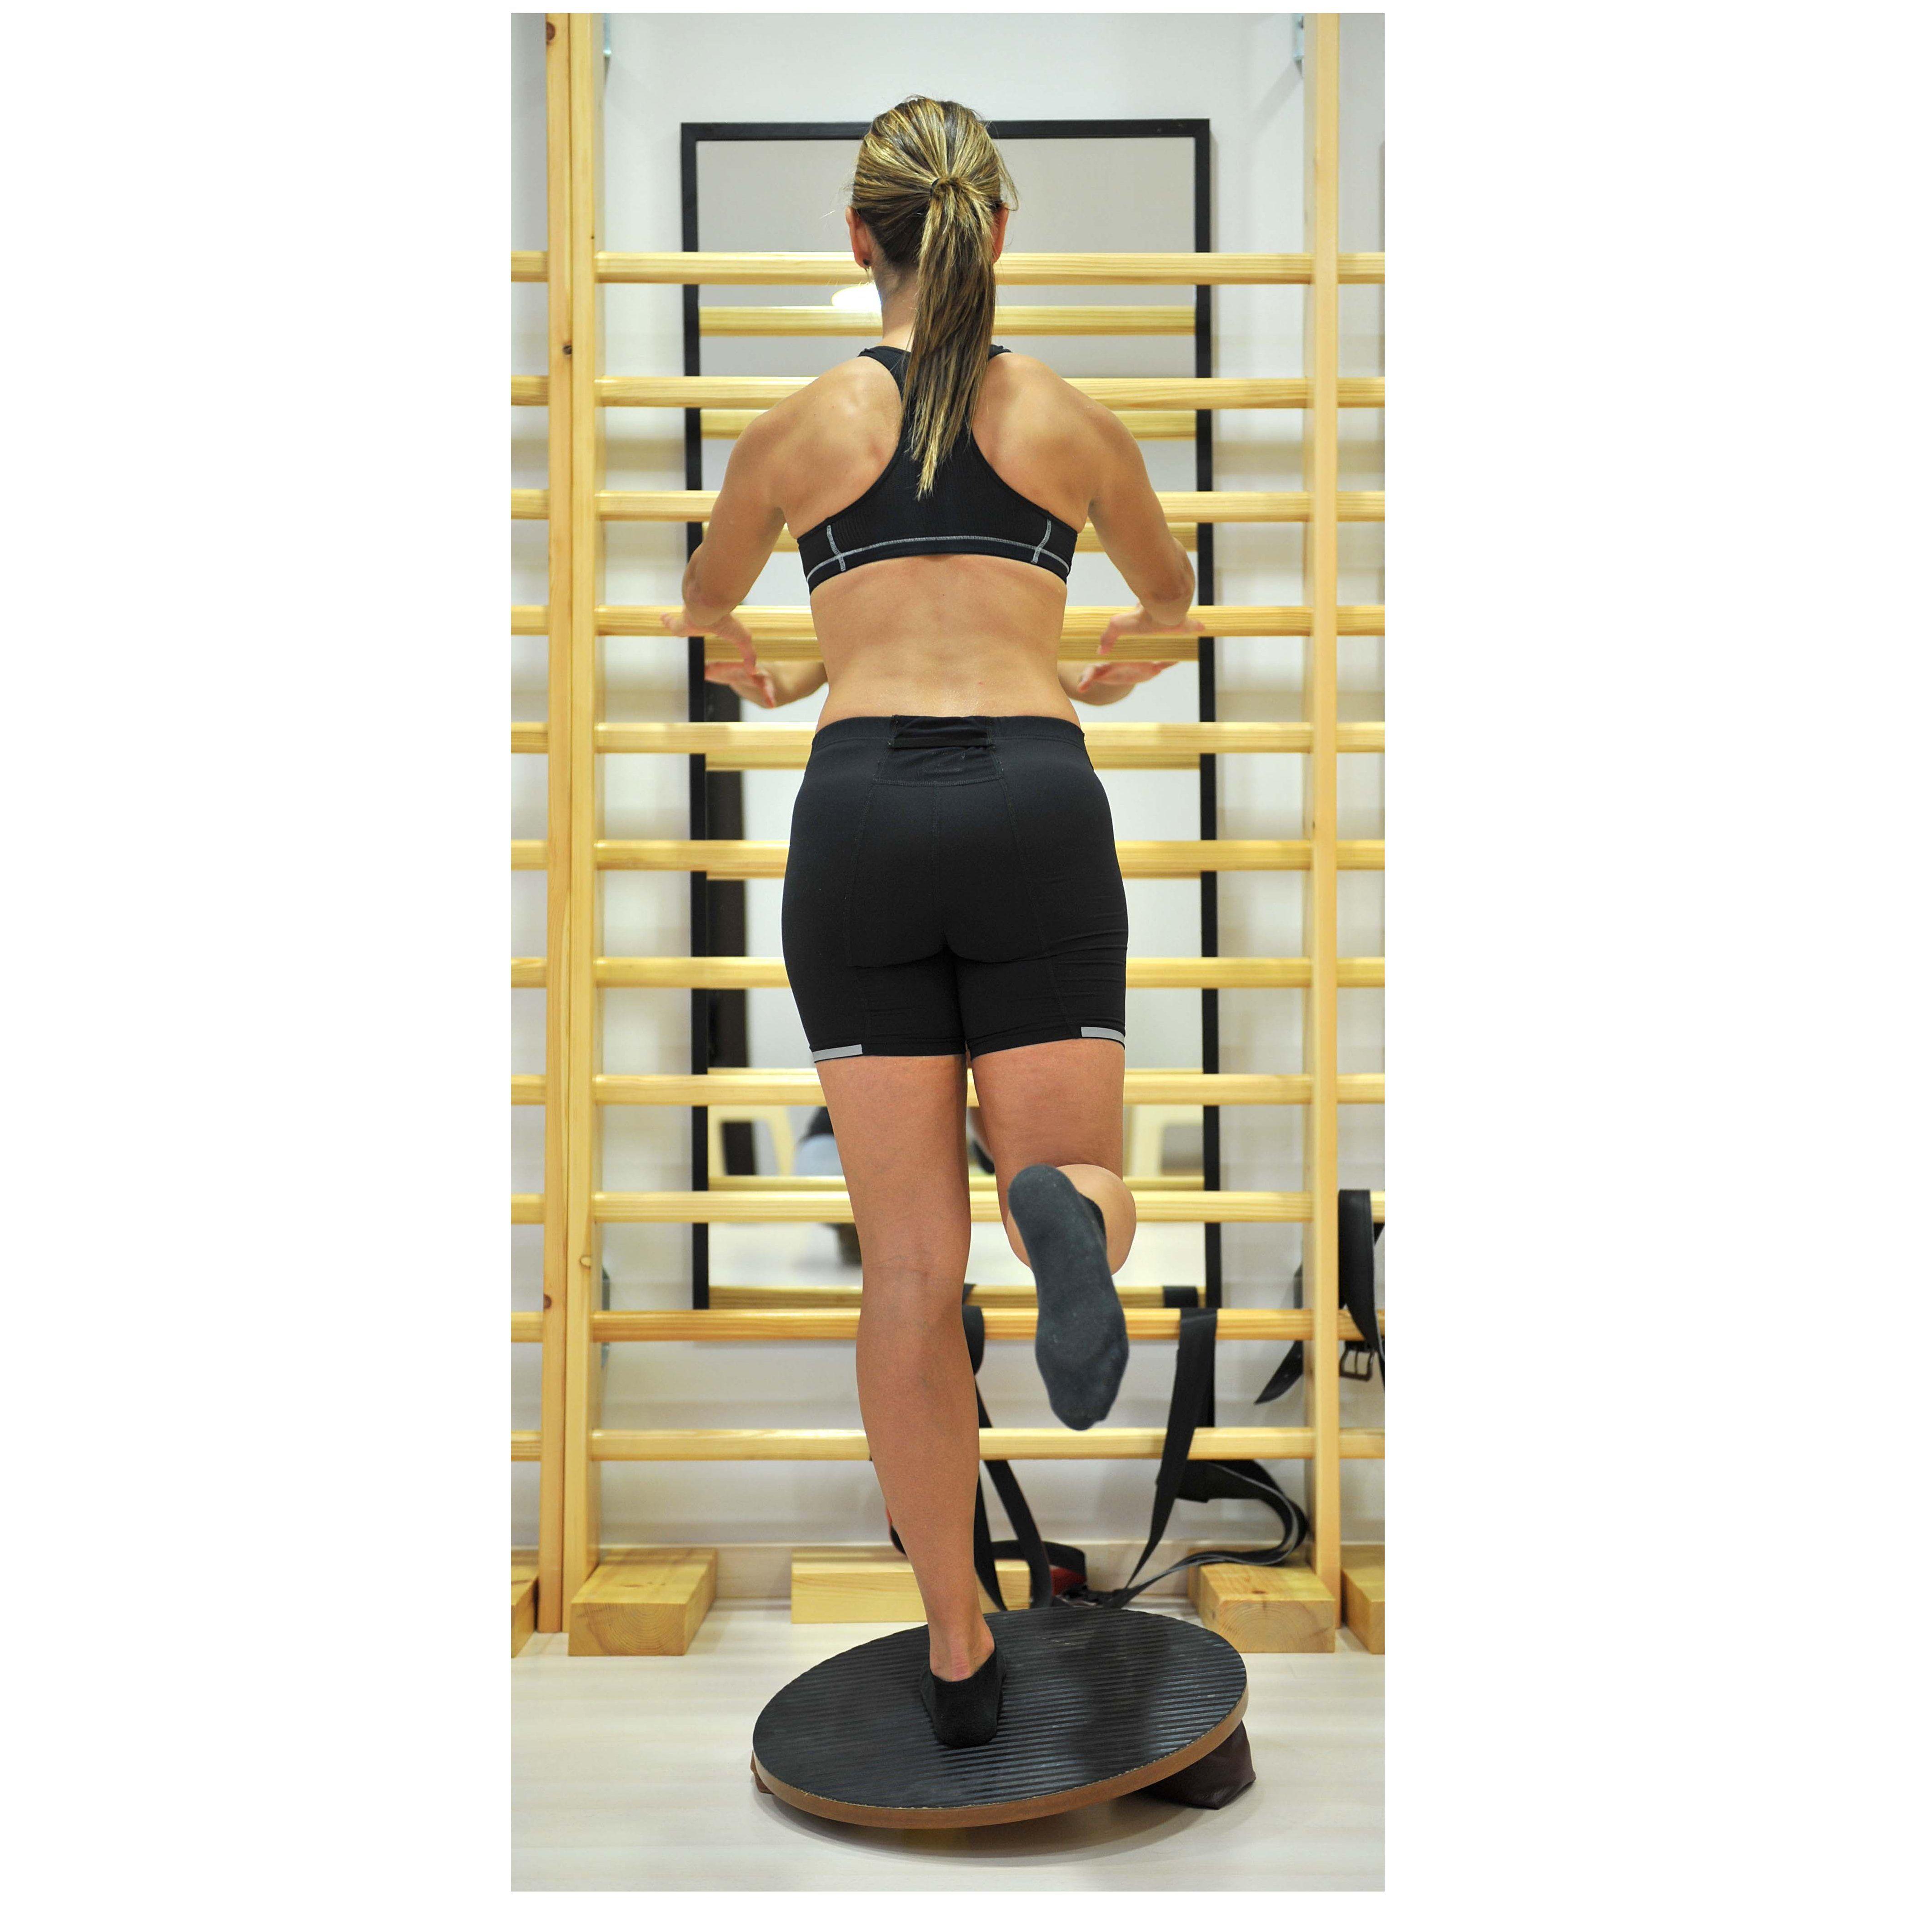 Rehabilitación: Centro de fisioterapia de Innova Fisio